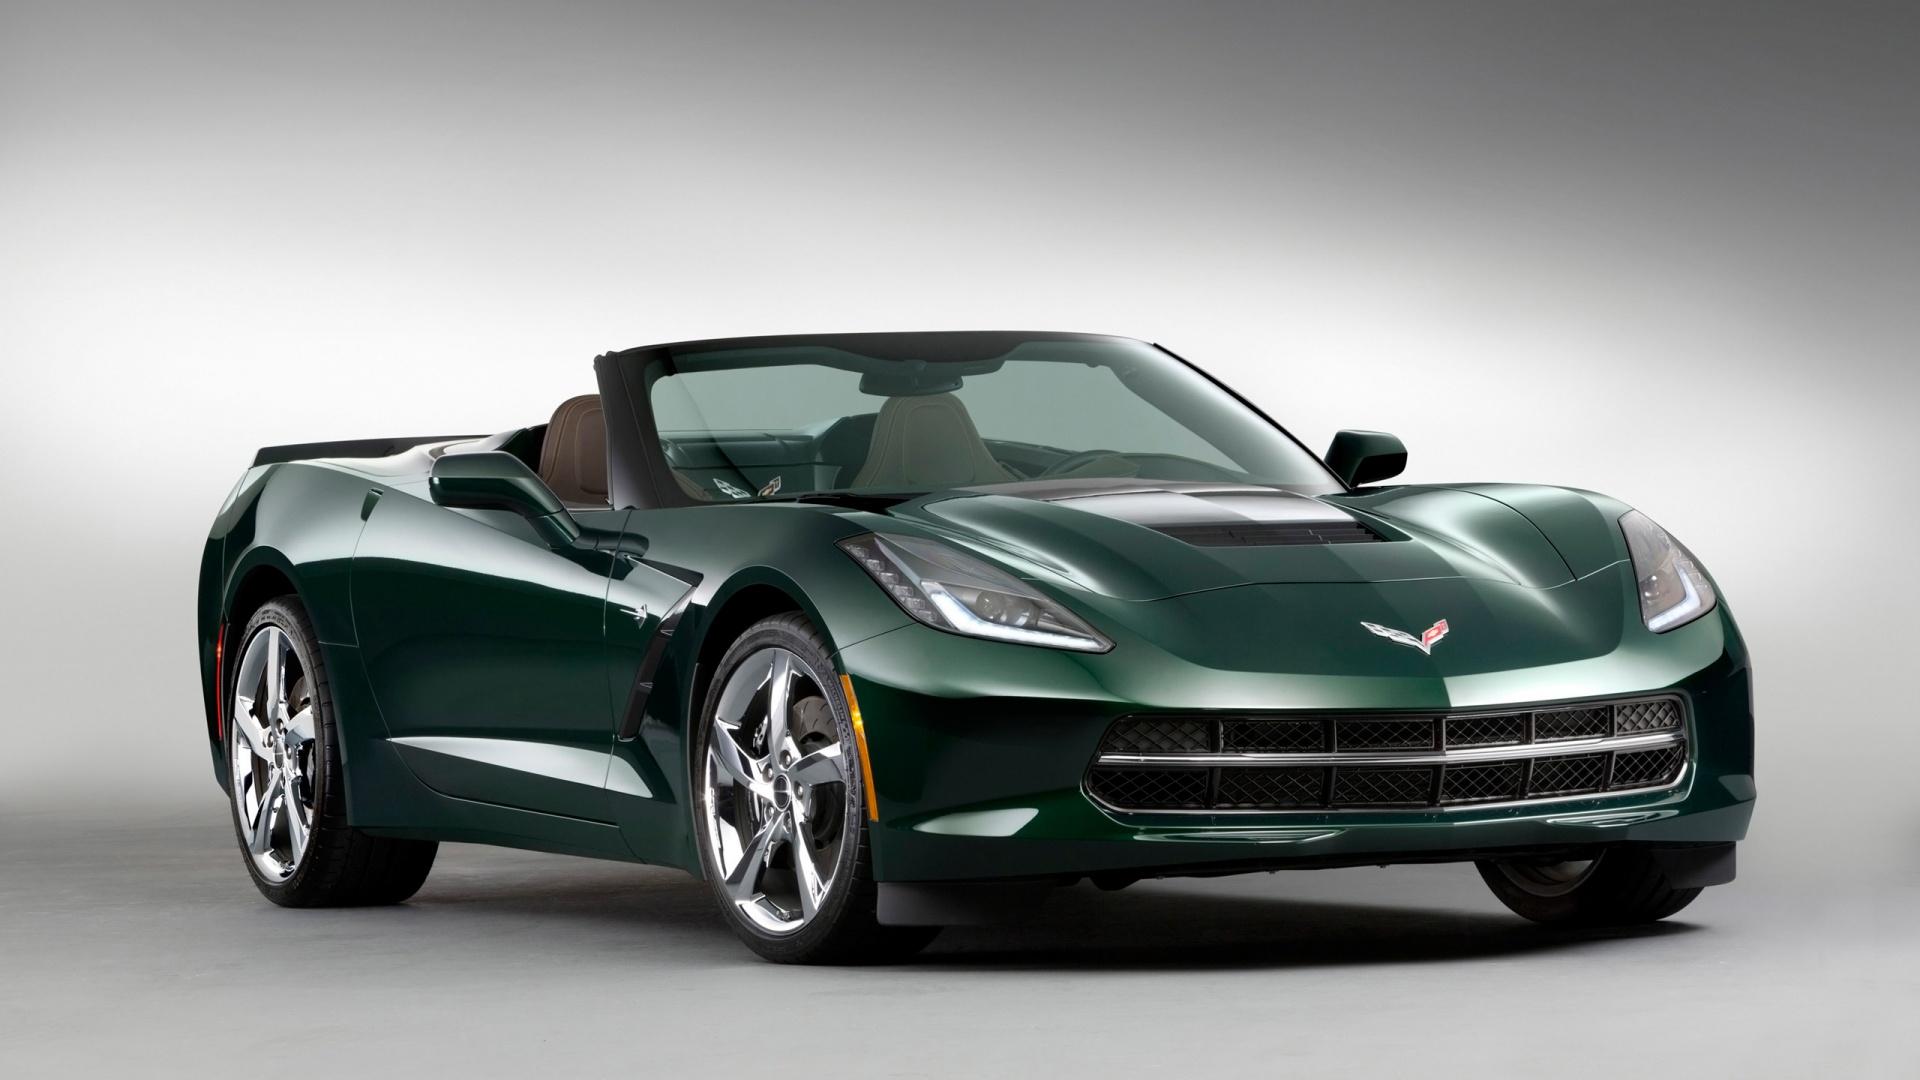 2014 corvette stingray premiere edition convertible wallpaper hd car